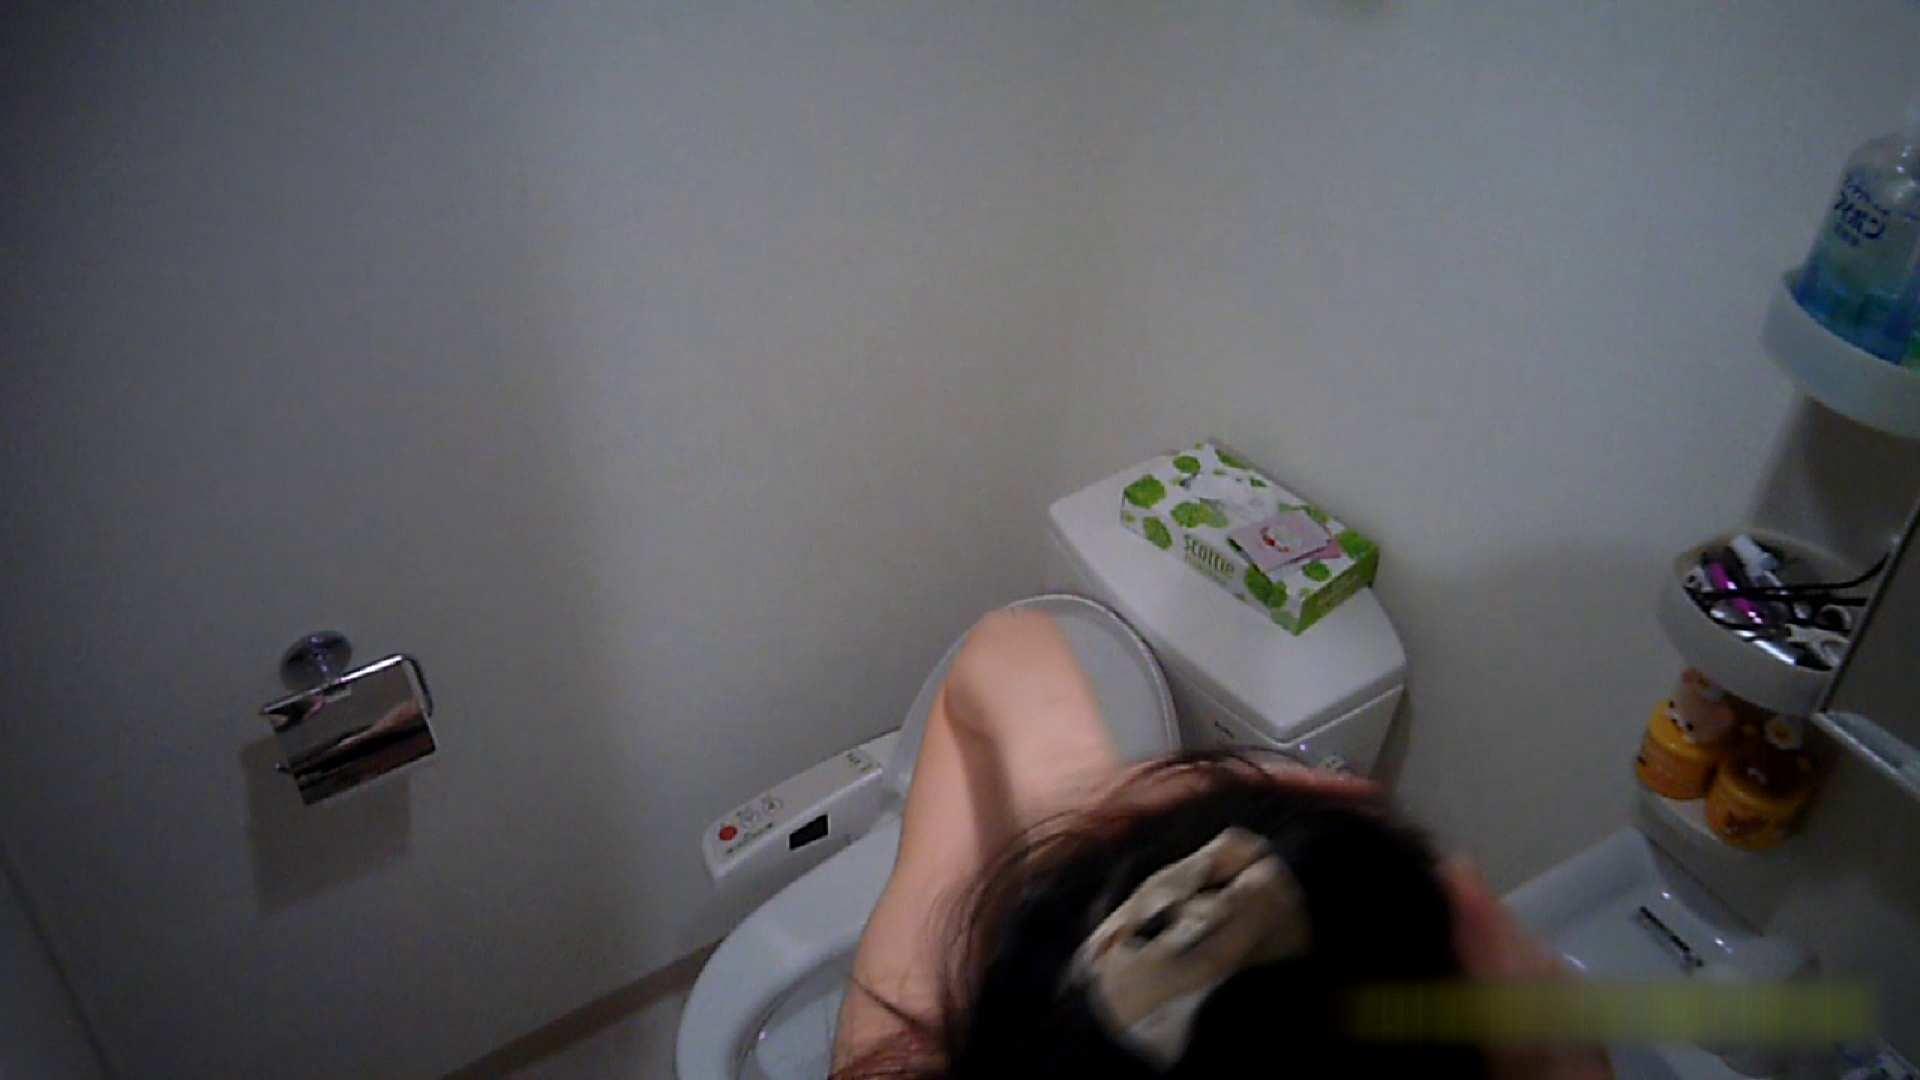 清楚な顔してかなり敏感なE子25歳(仮名)Vol.05 裸でトイレ編 トイレ中 | OL  68連発 29